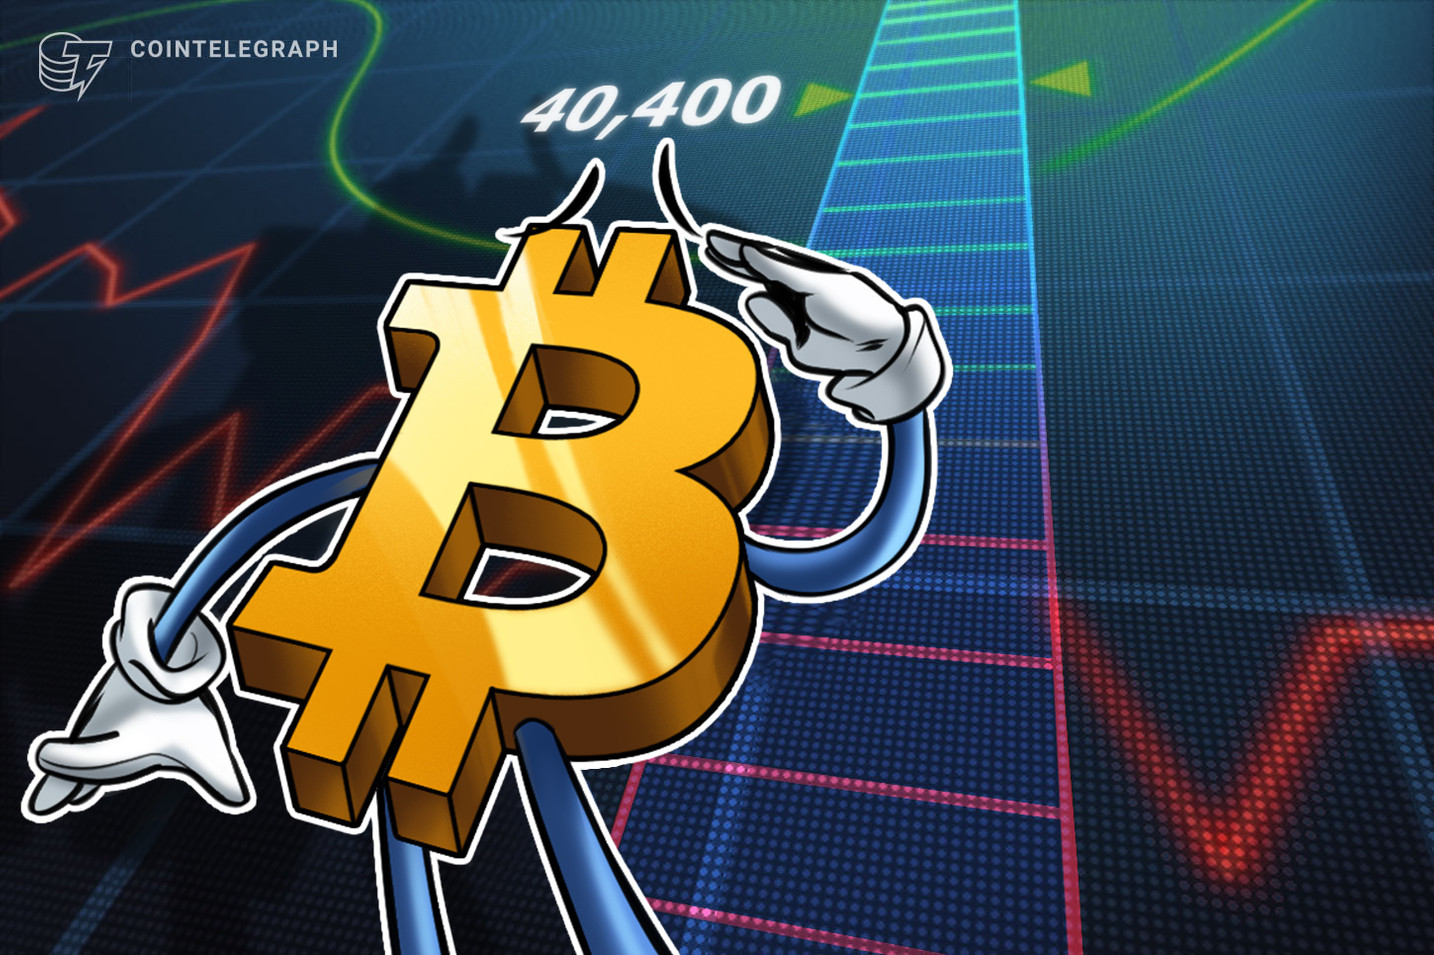 Analytici identifikují 40 XNUMX $ jako značku, nebo ji pro cenu bitcoinu prolomí